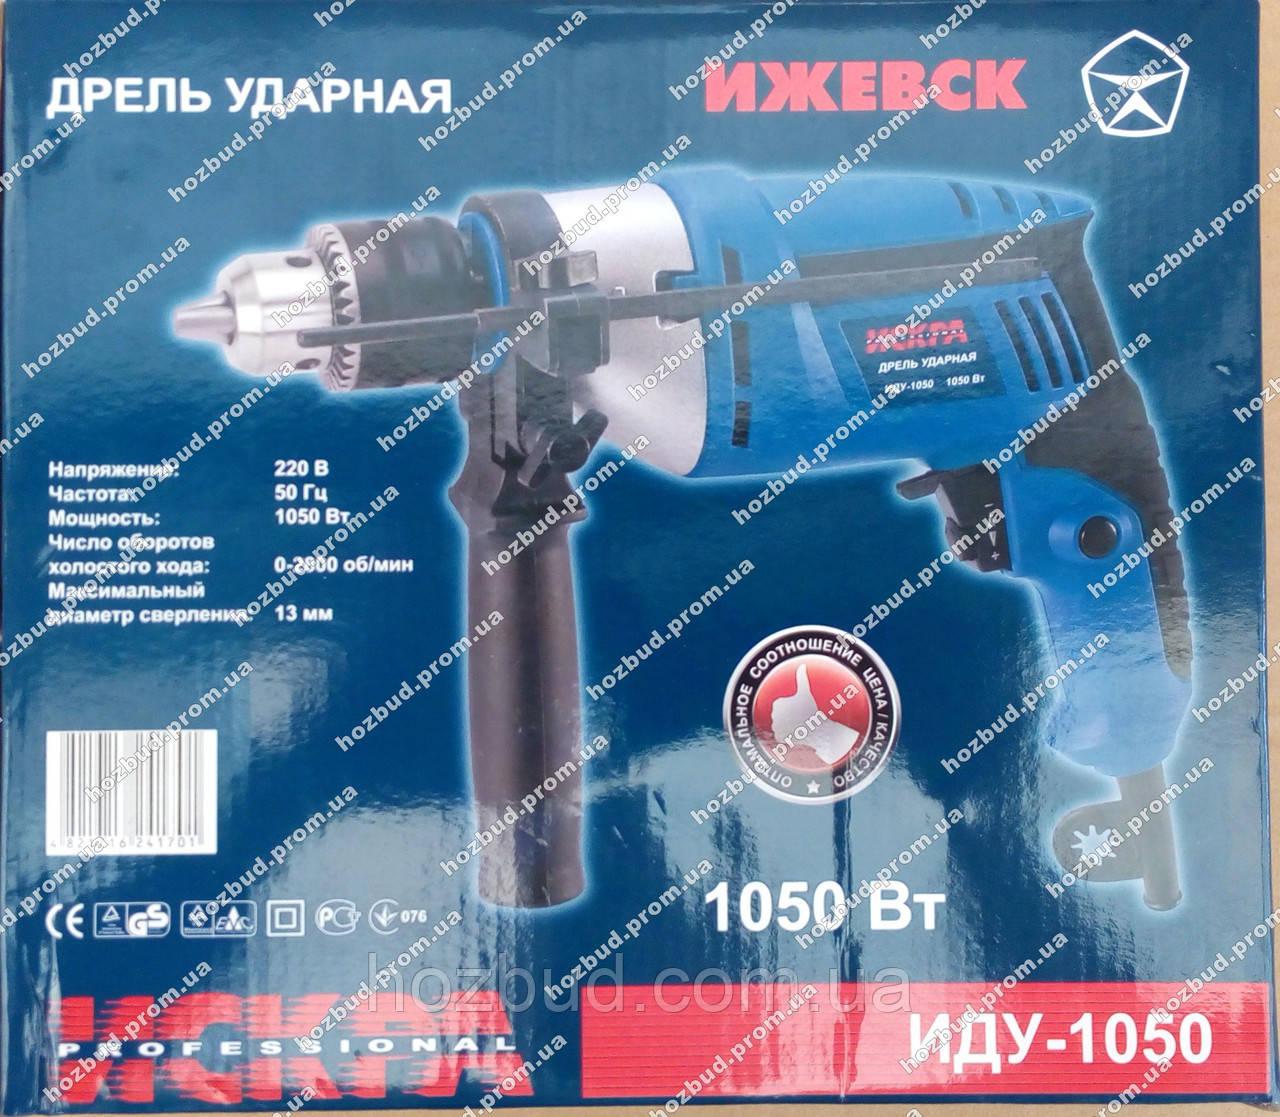 Дрель Искра ИДУ-1050